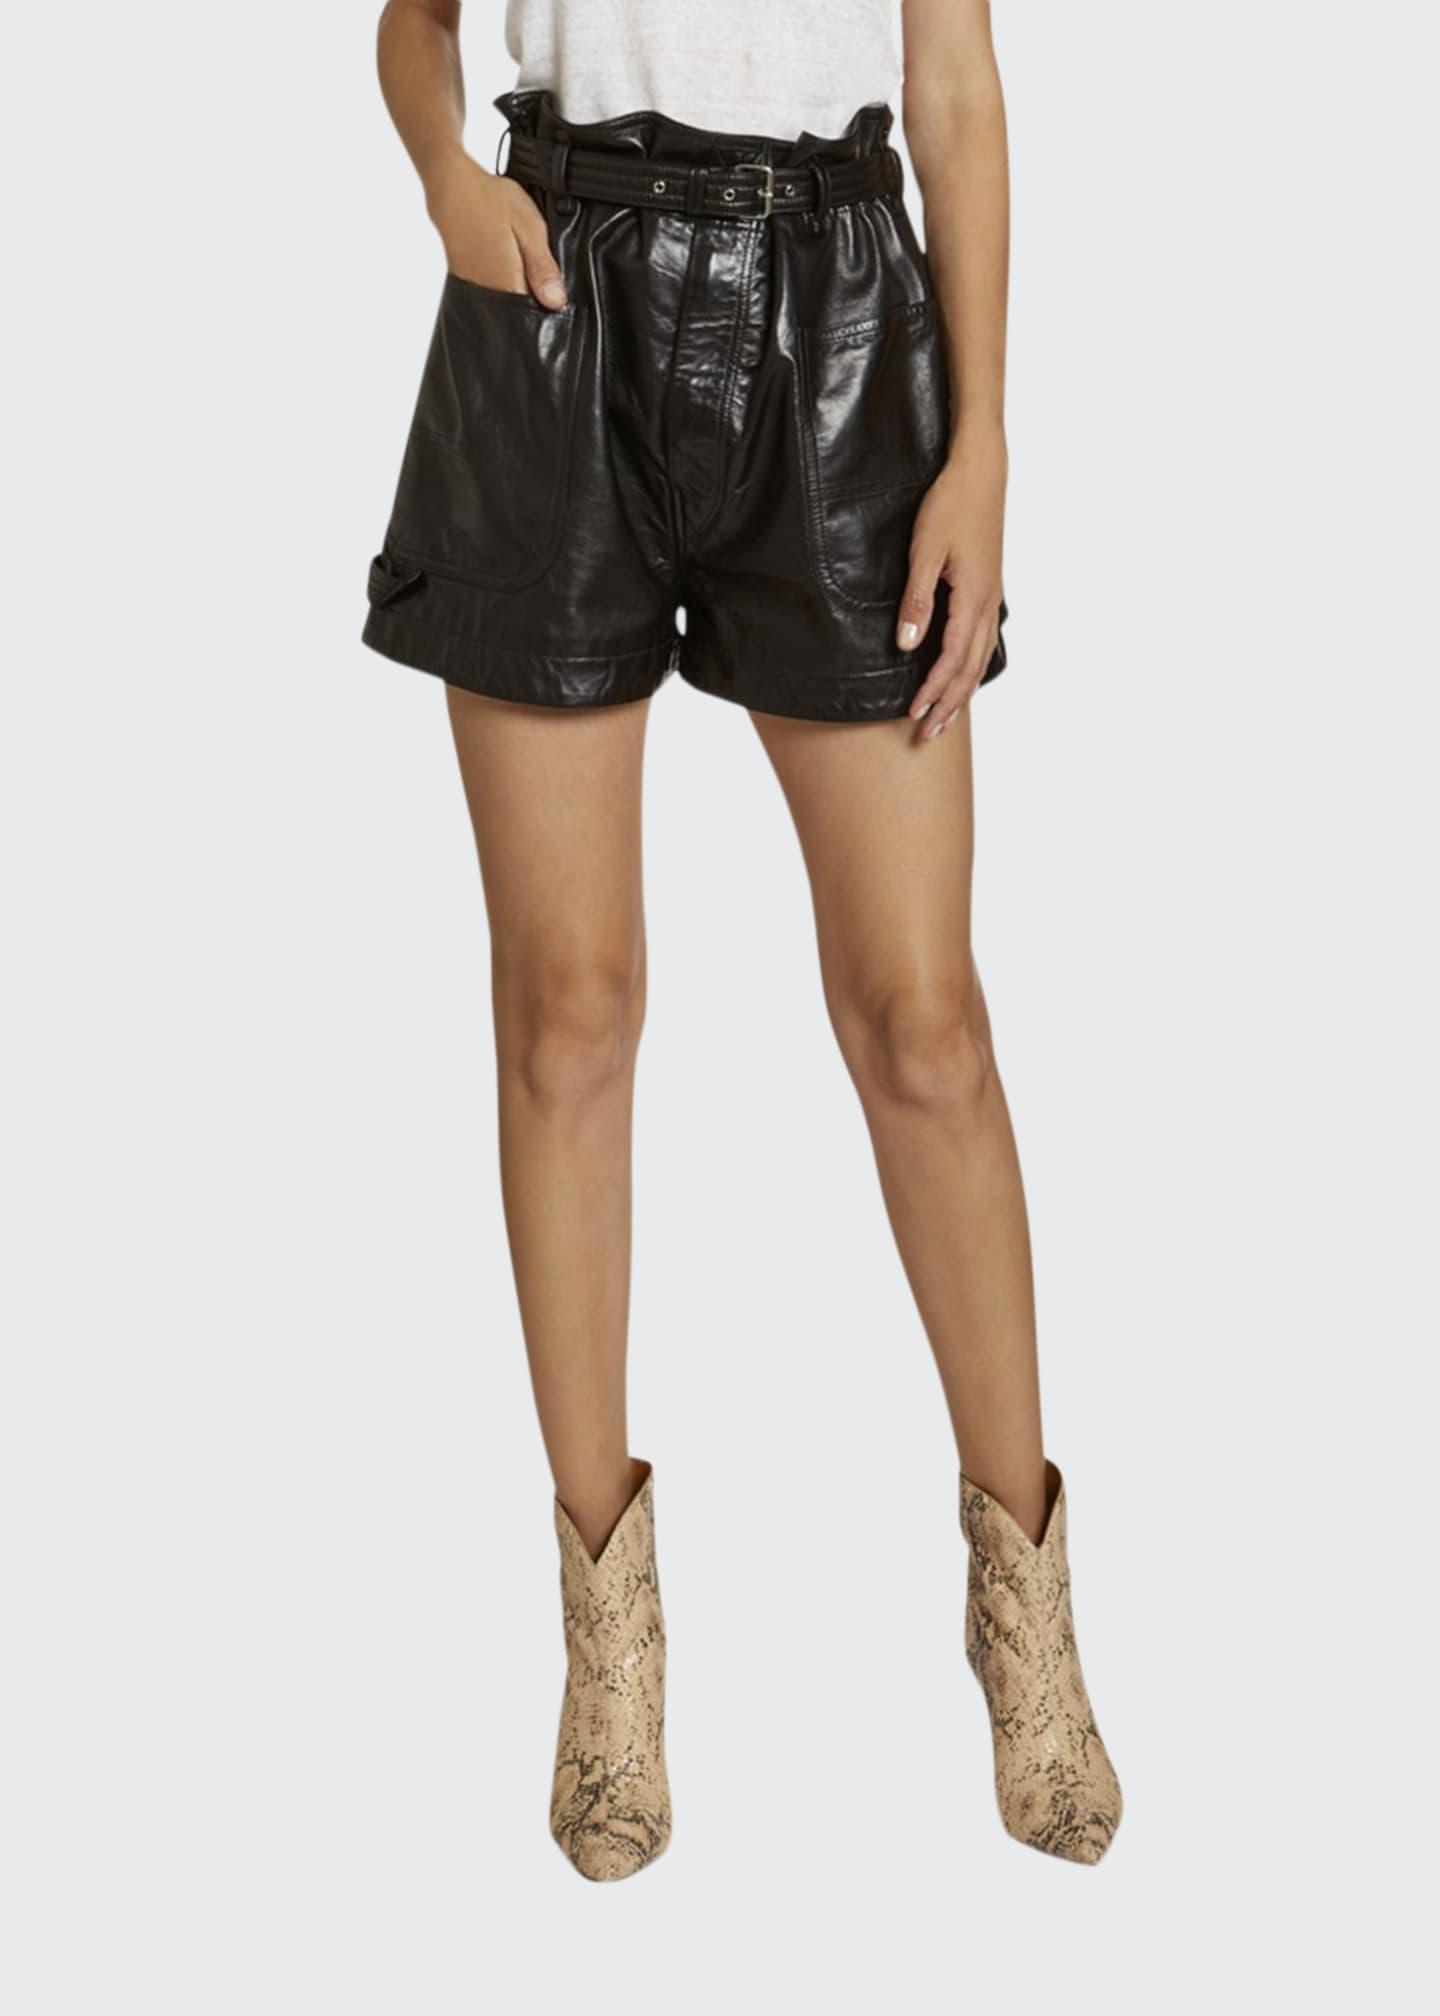 Isabel Marant Leather High-Rise Shorts